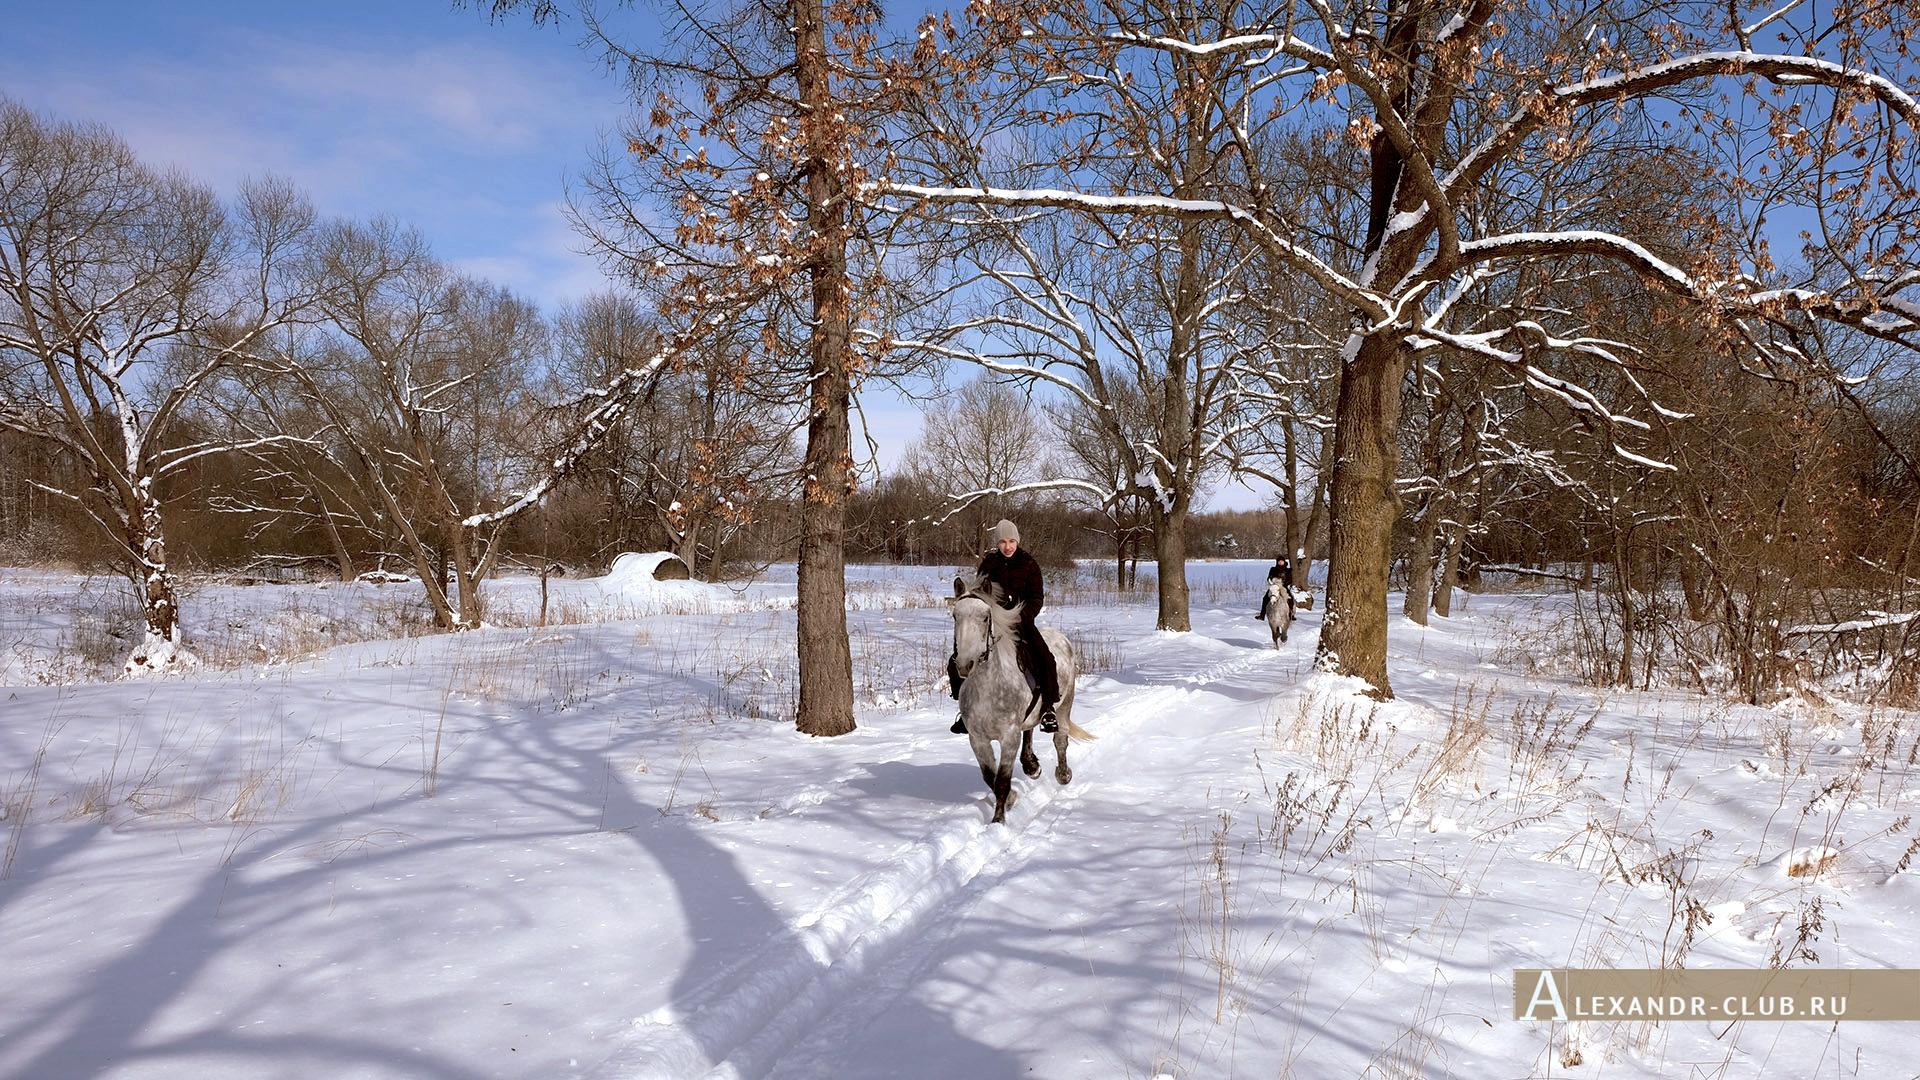 Петергоф, Луговой парк, зима, аллея у реки Шинкарка – 1